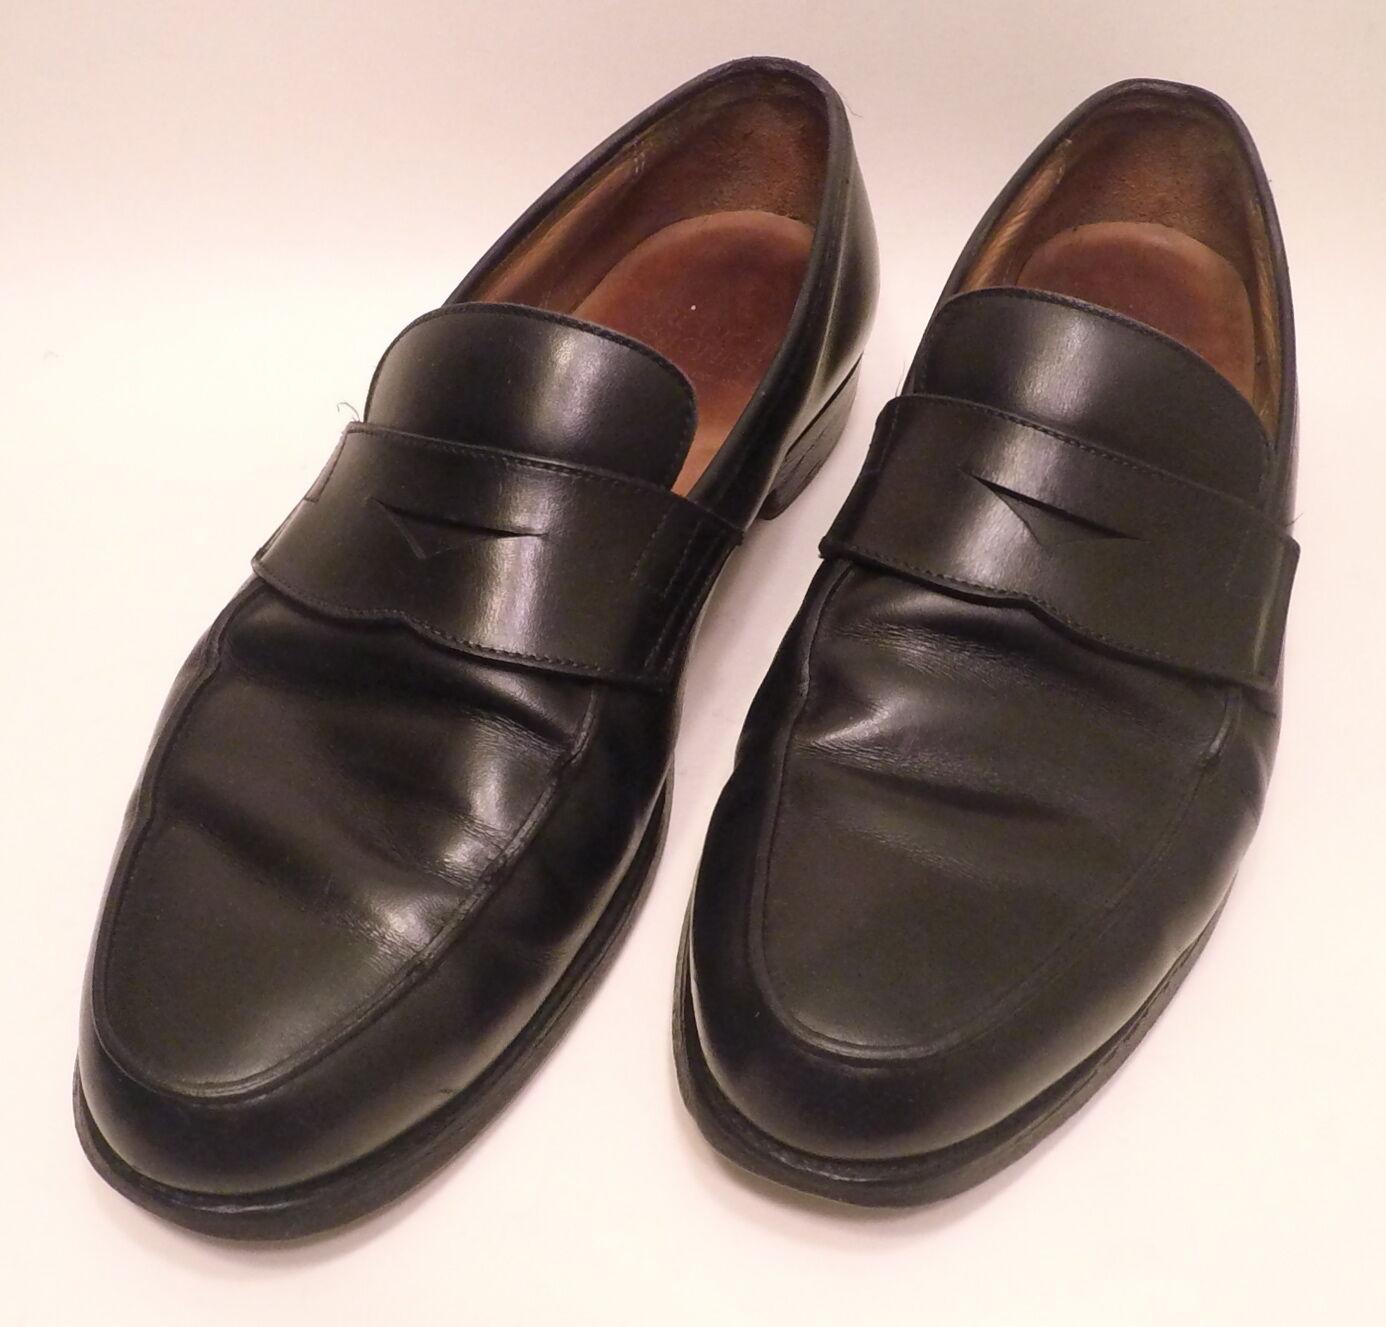 6b1b0647 Crockett & Jones Poole Penny Mocasines - e 9.5 nbjsqb59-Zapatos de vestir